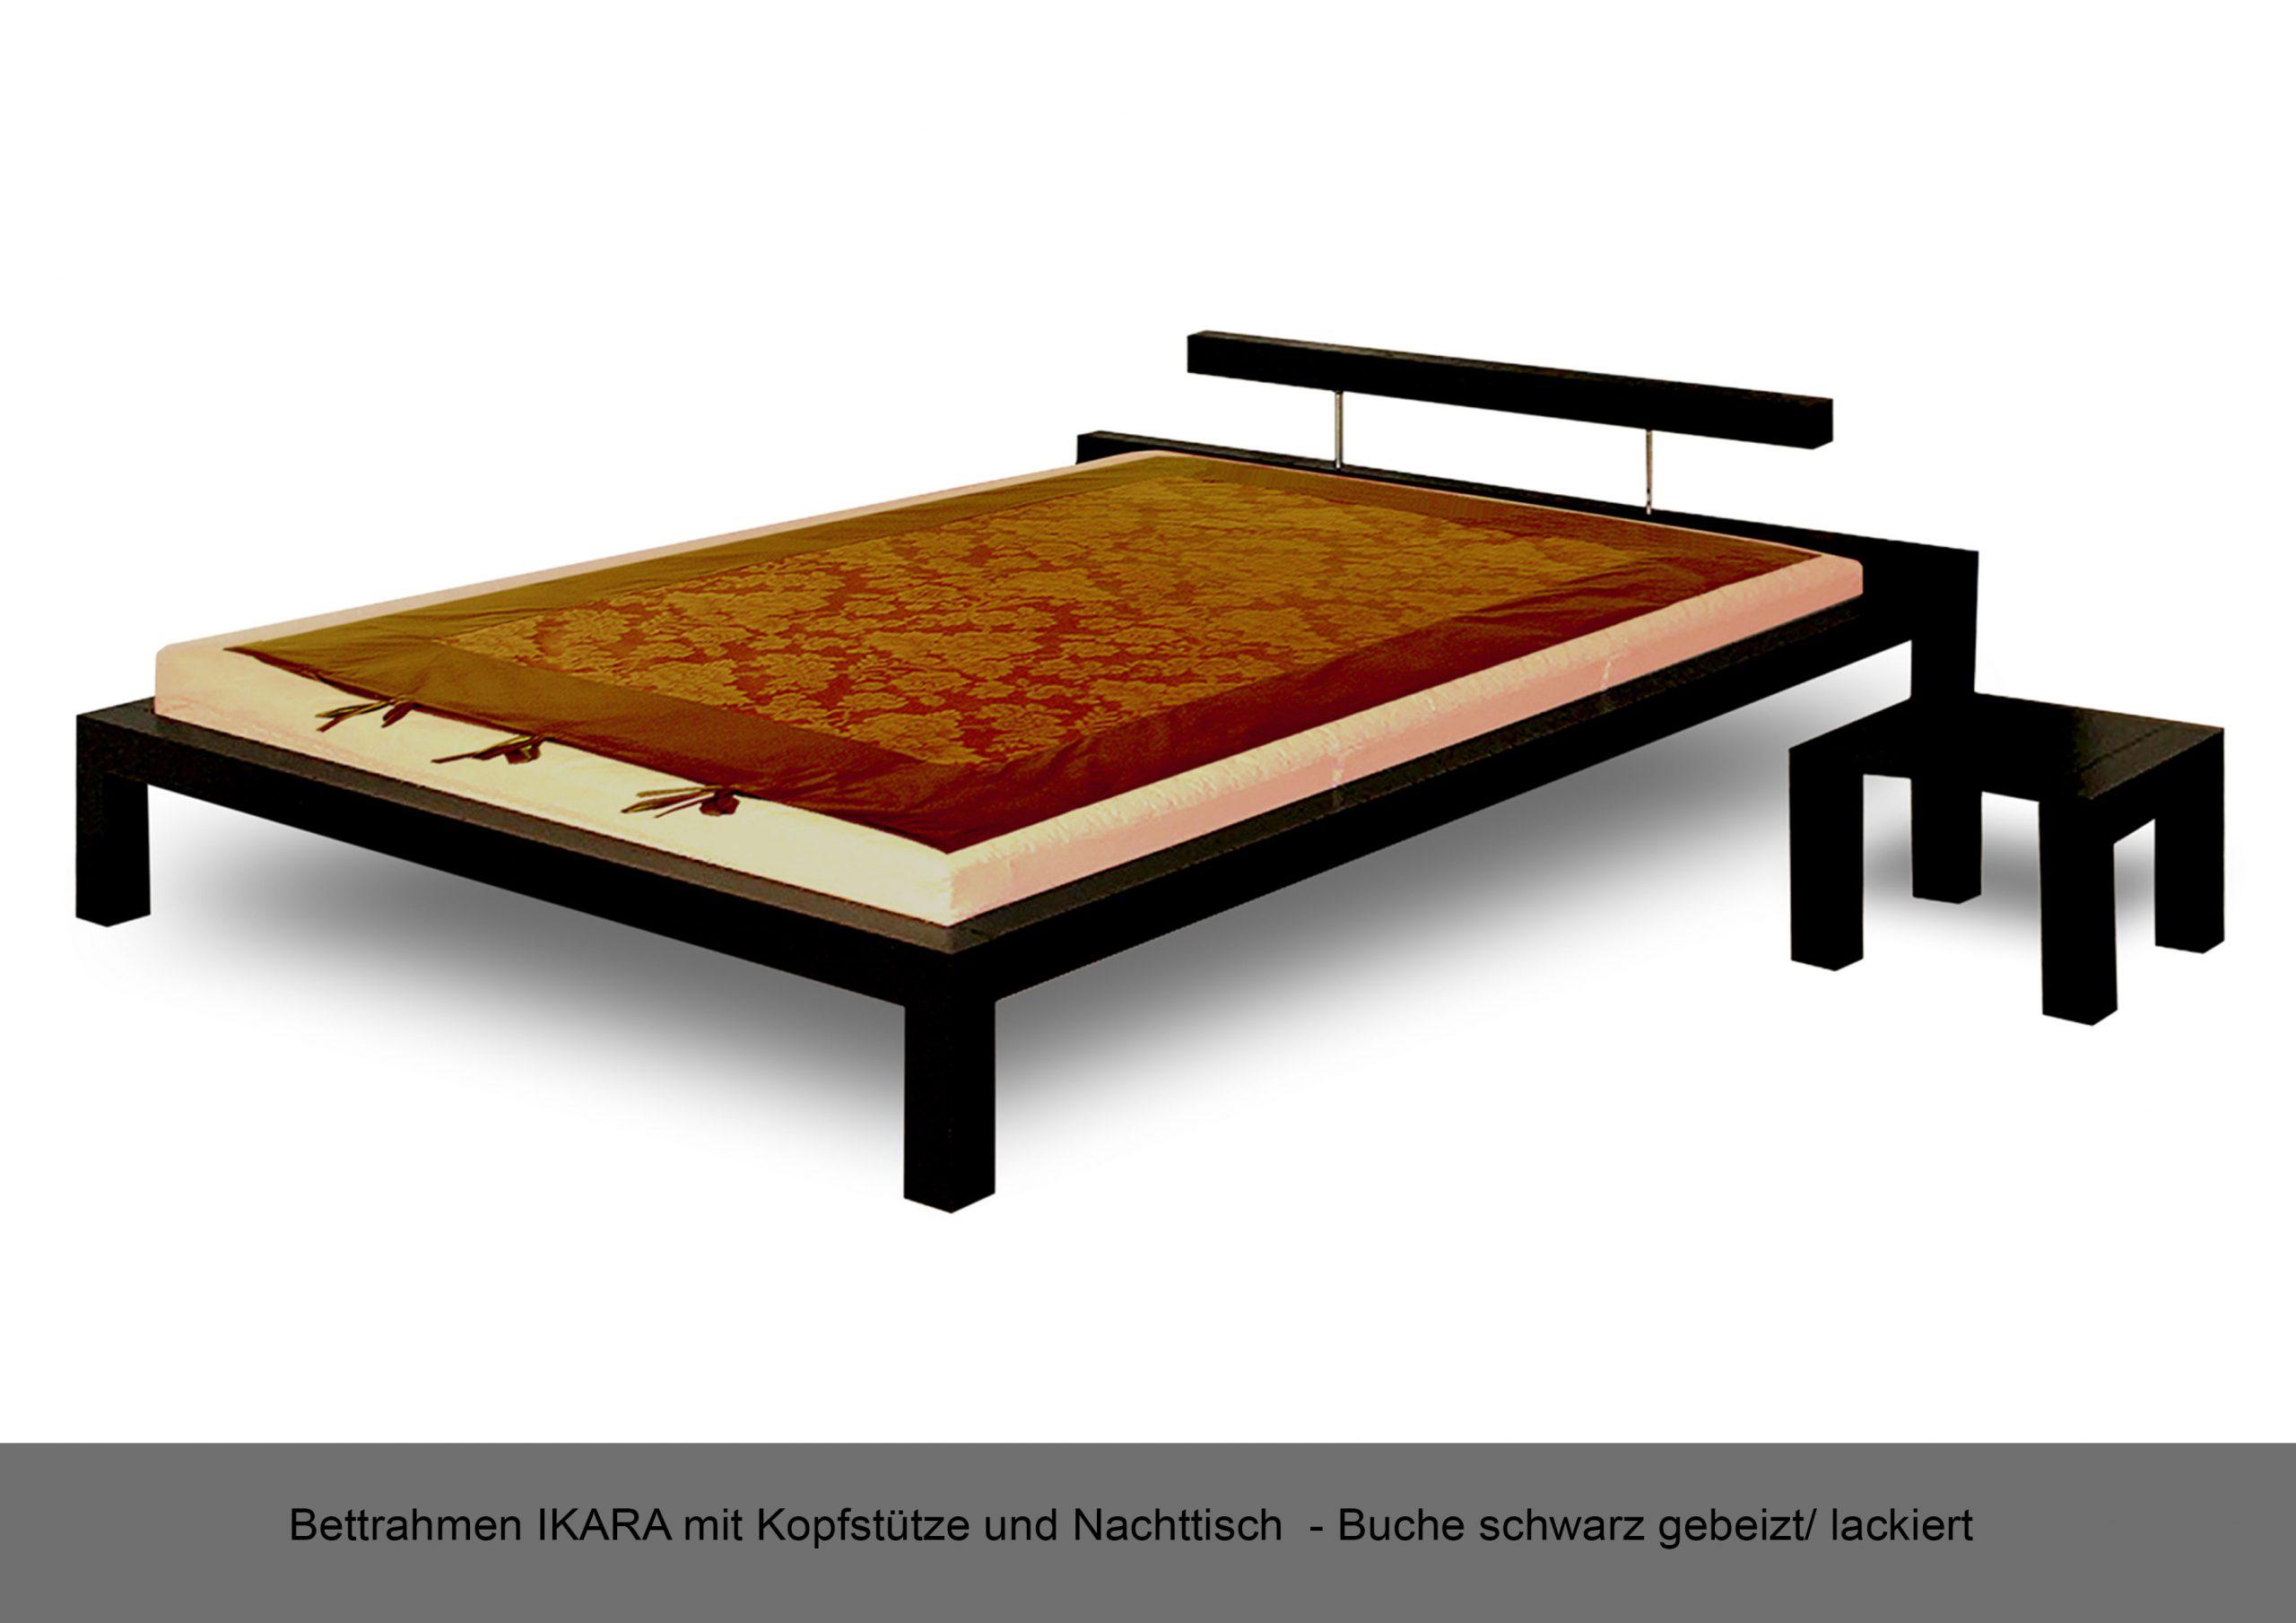 Bettrahmen Massivholz schwarz IKARA Kopfstütze Nachttisch Buche gebeizt lackiert